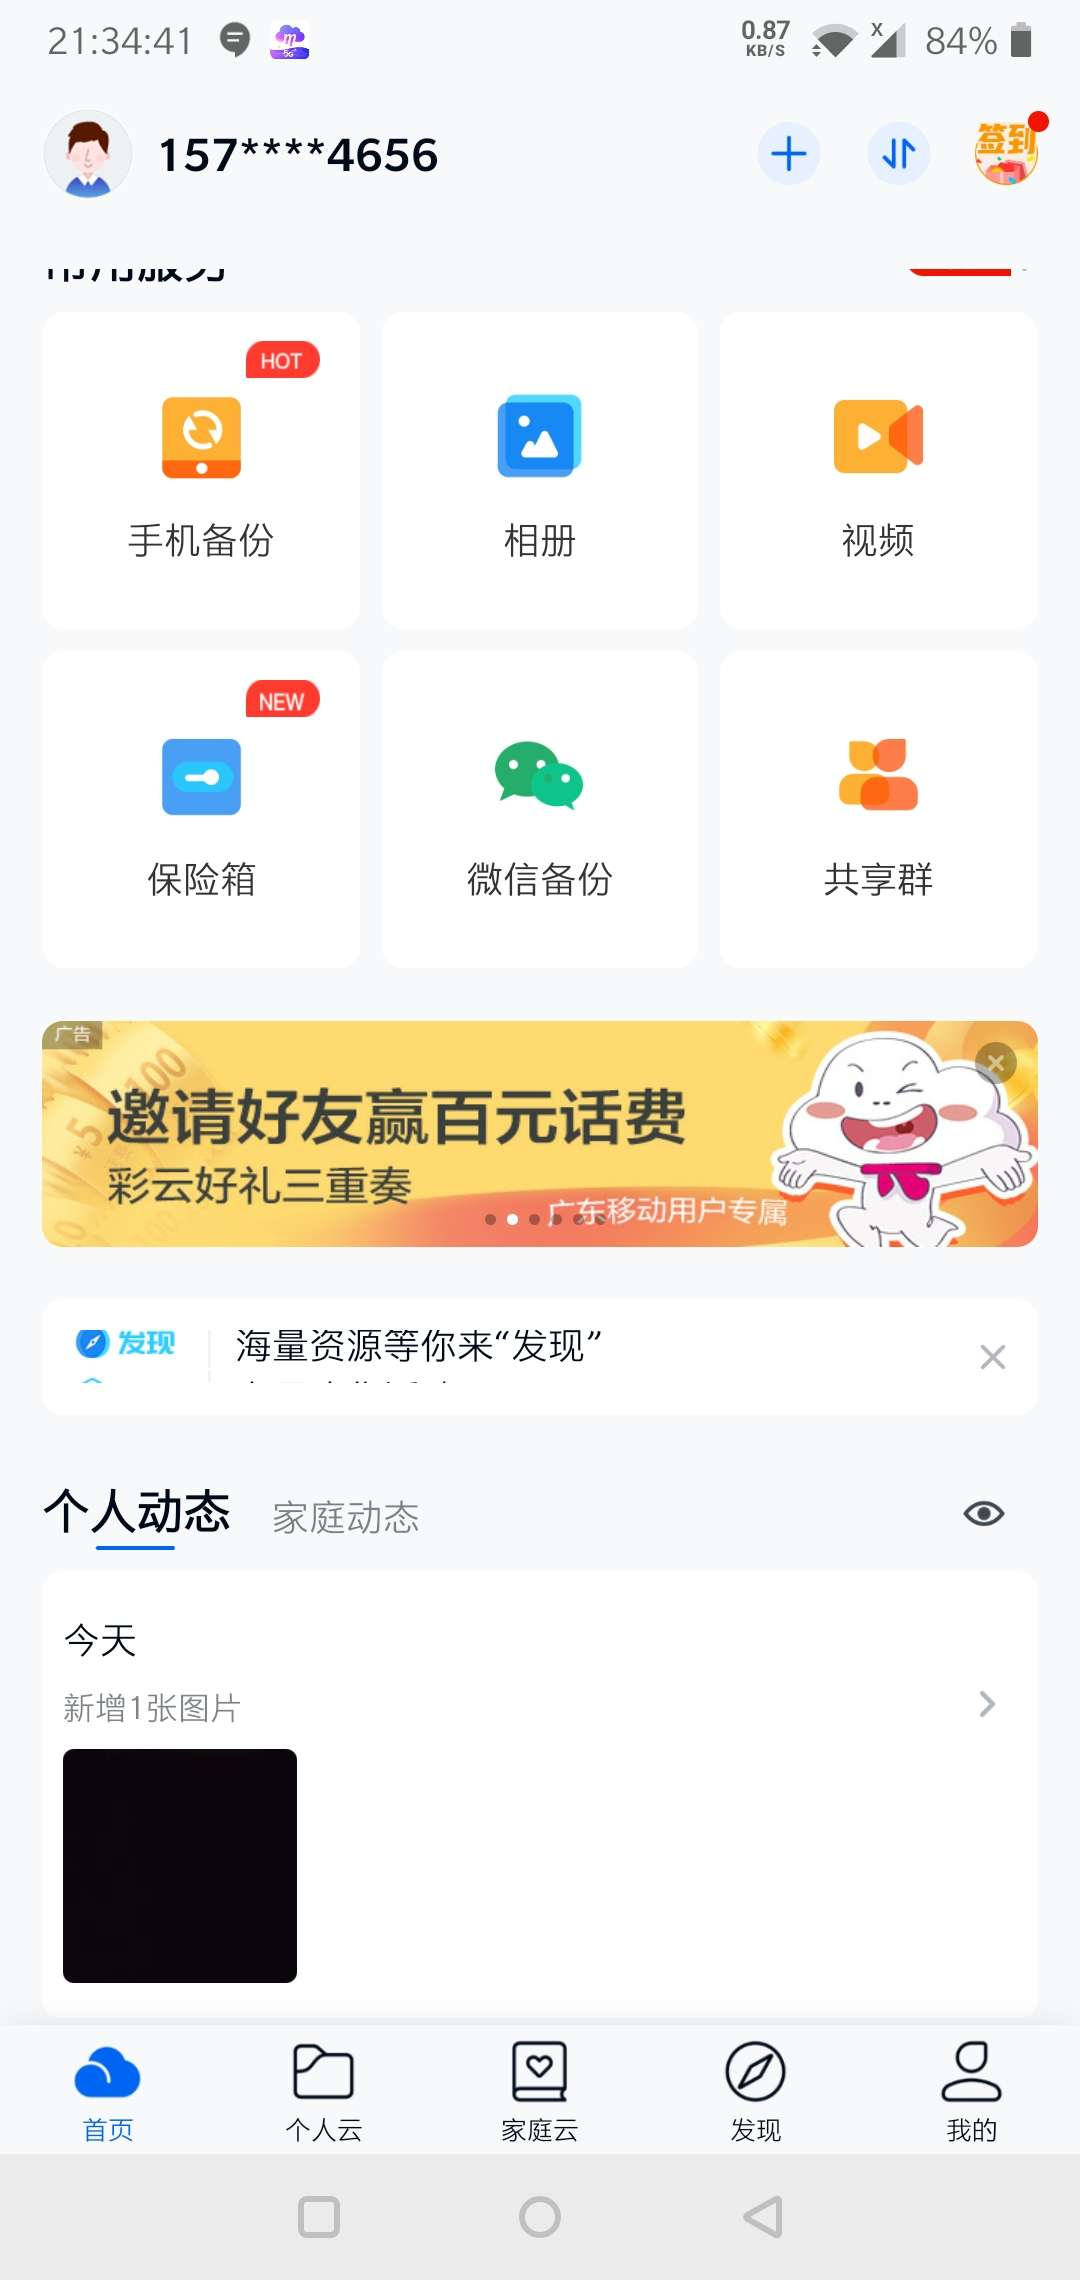 图片[1]-和彩云网盘必得5话费限广东移动-老友薅羊毛活动线报网